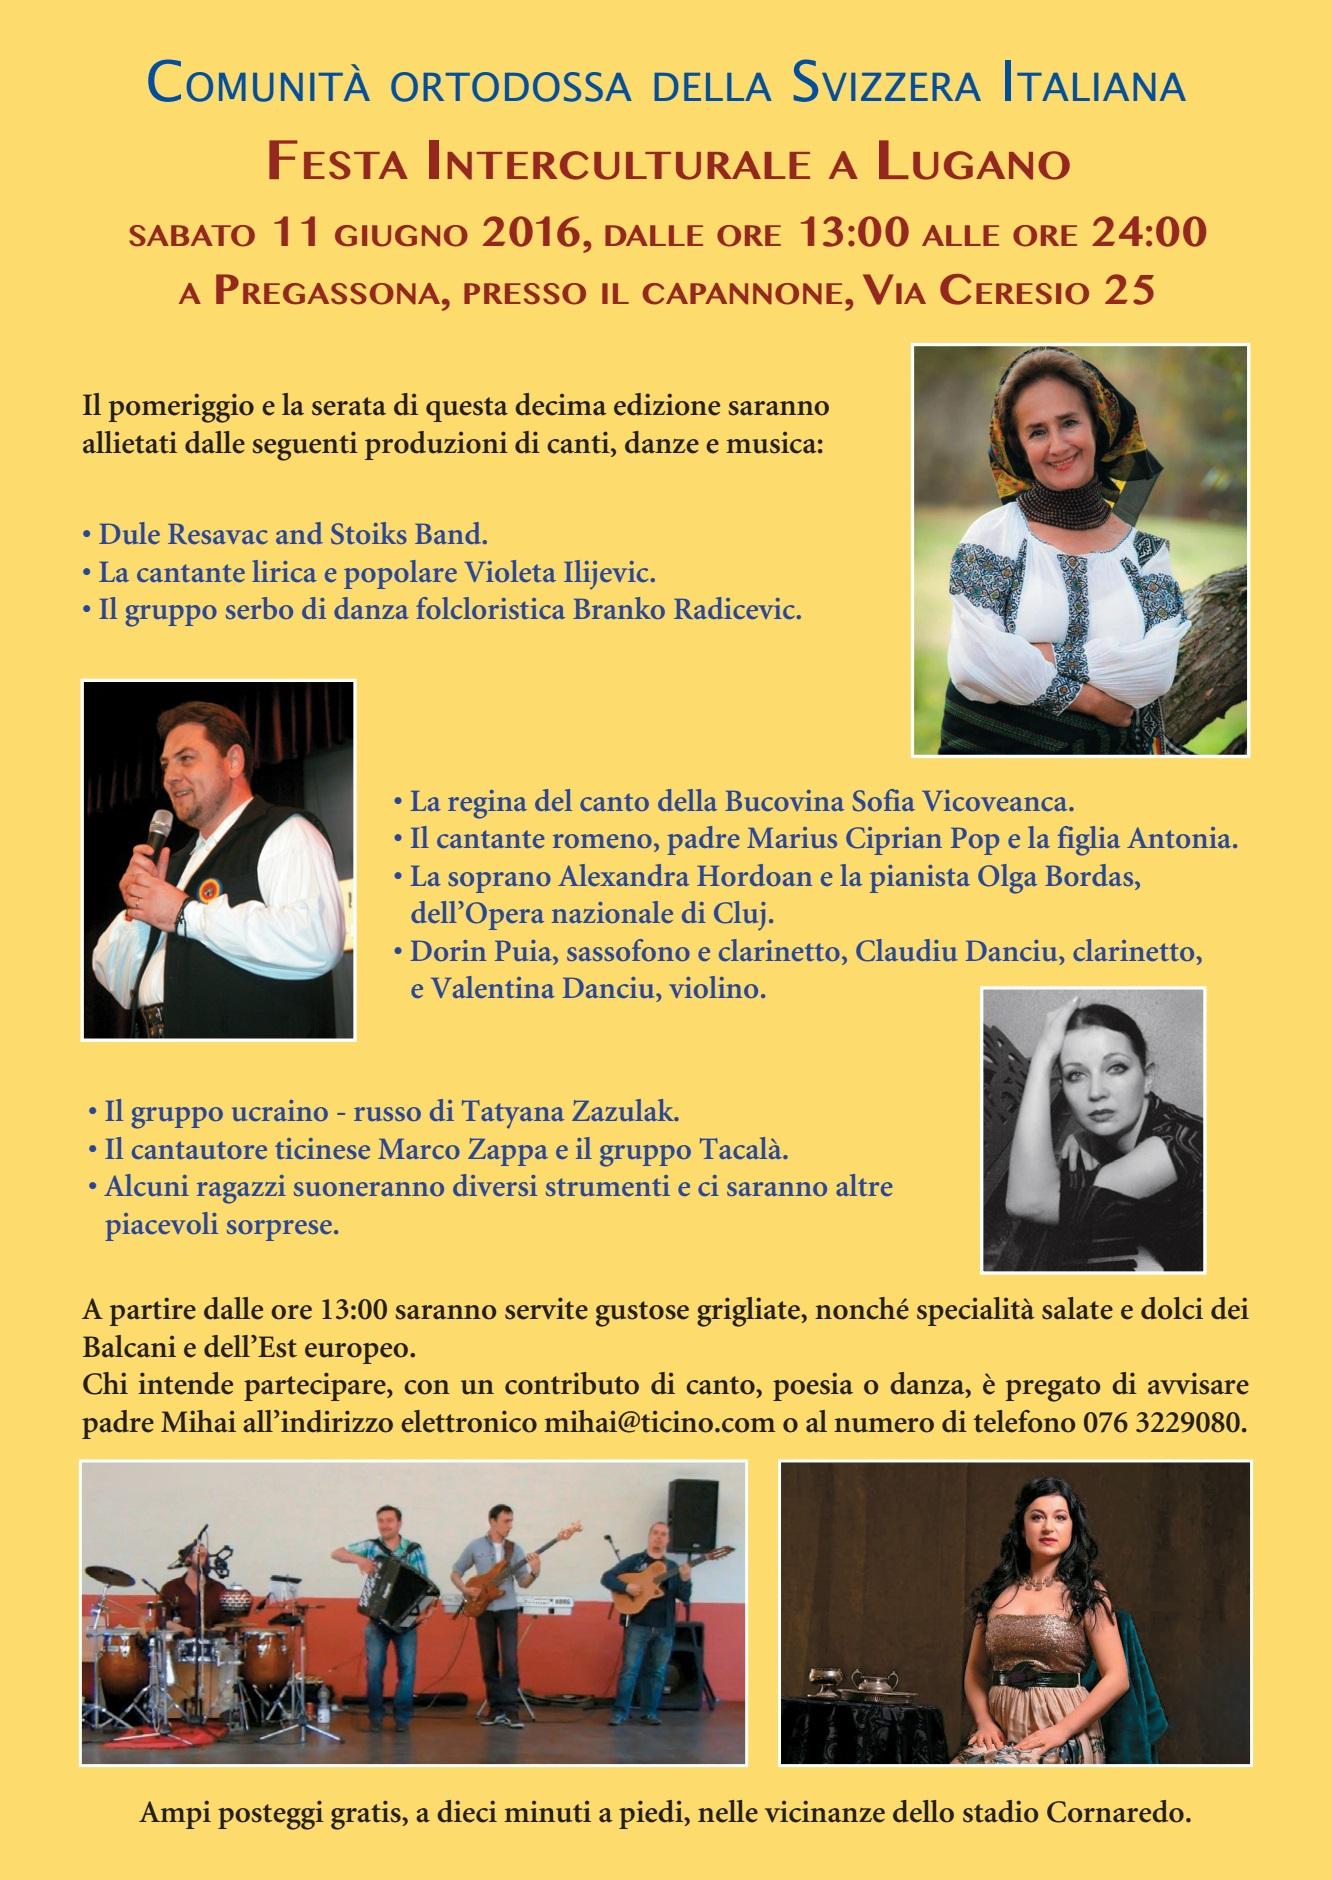 Festa Interculturale di Lugano 2016